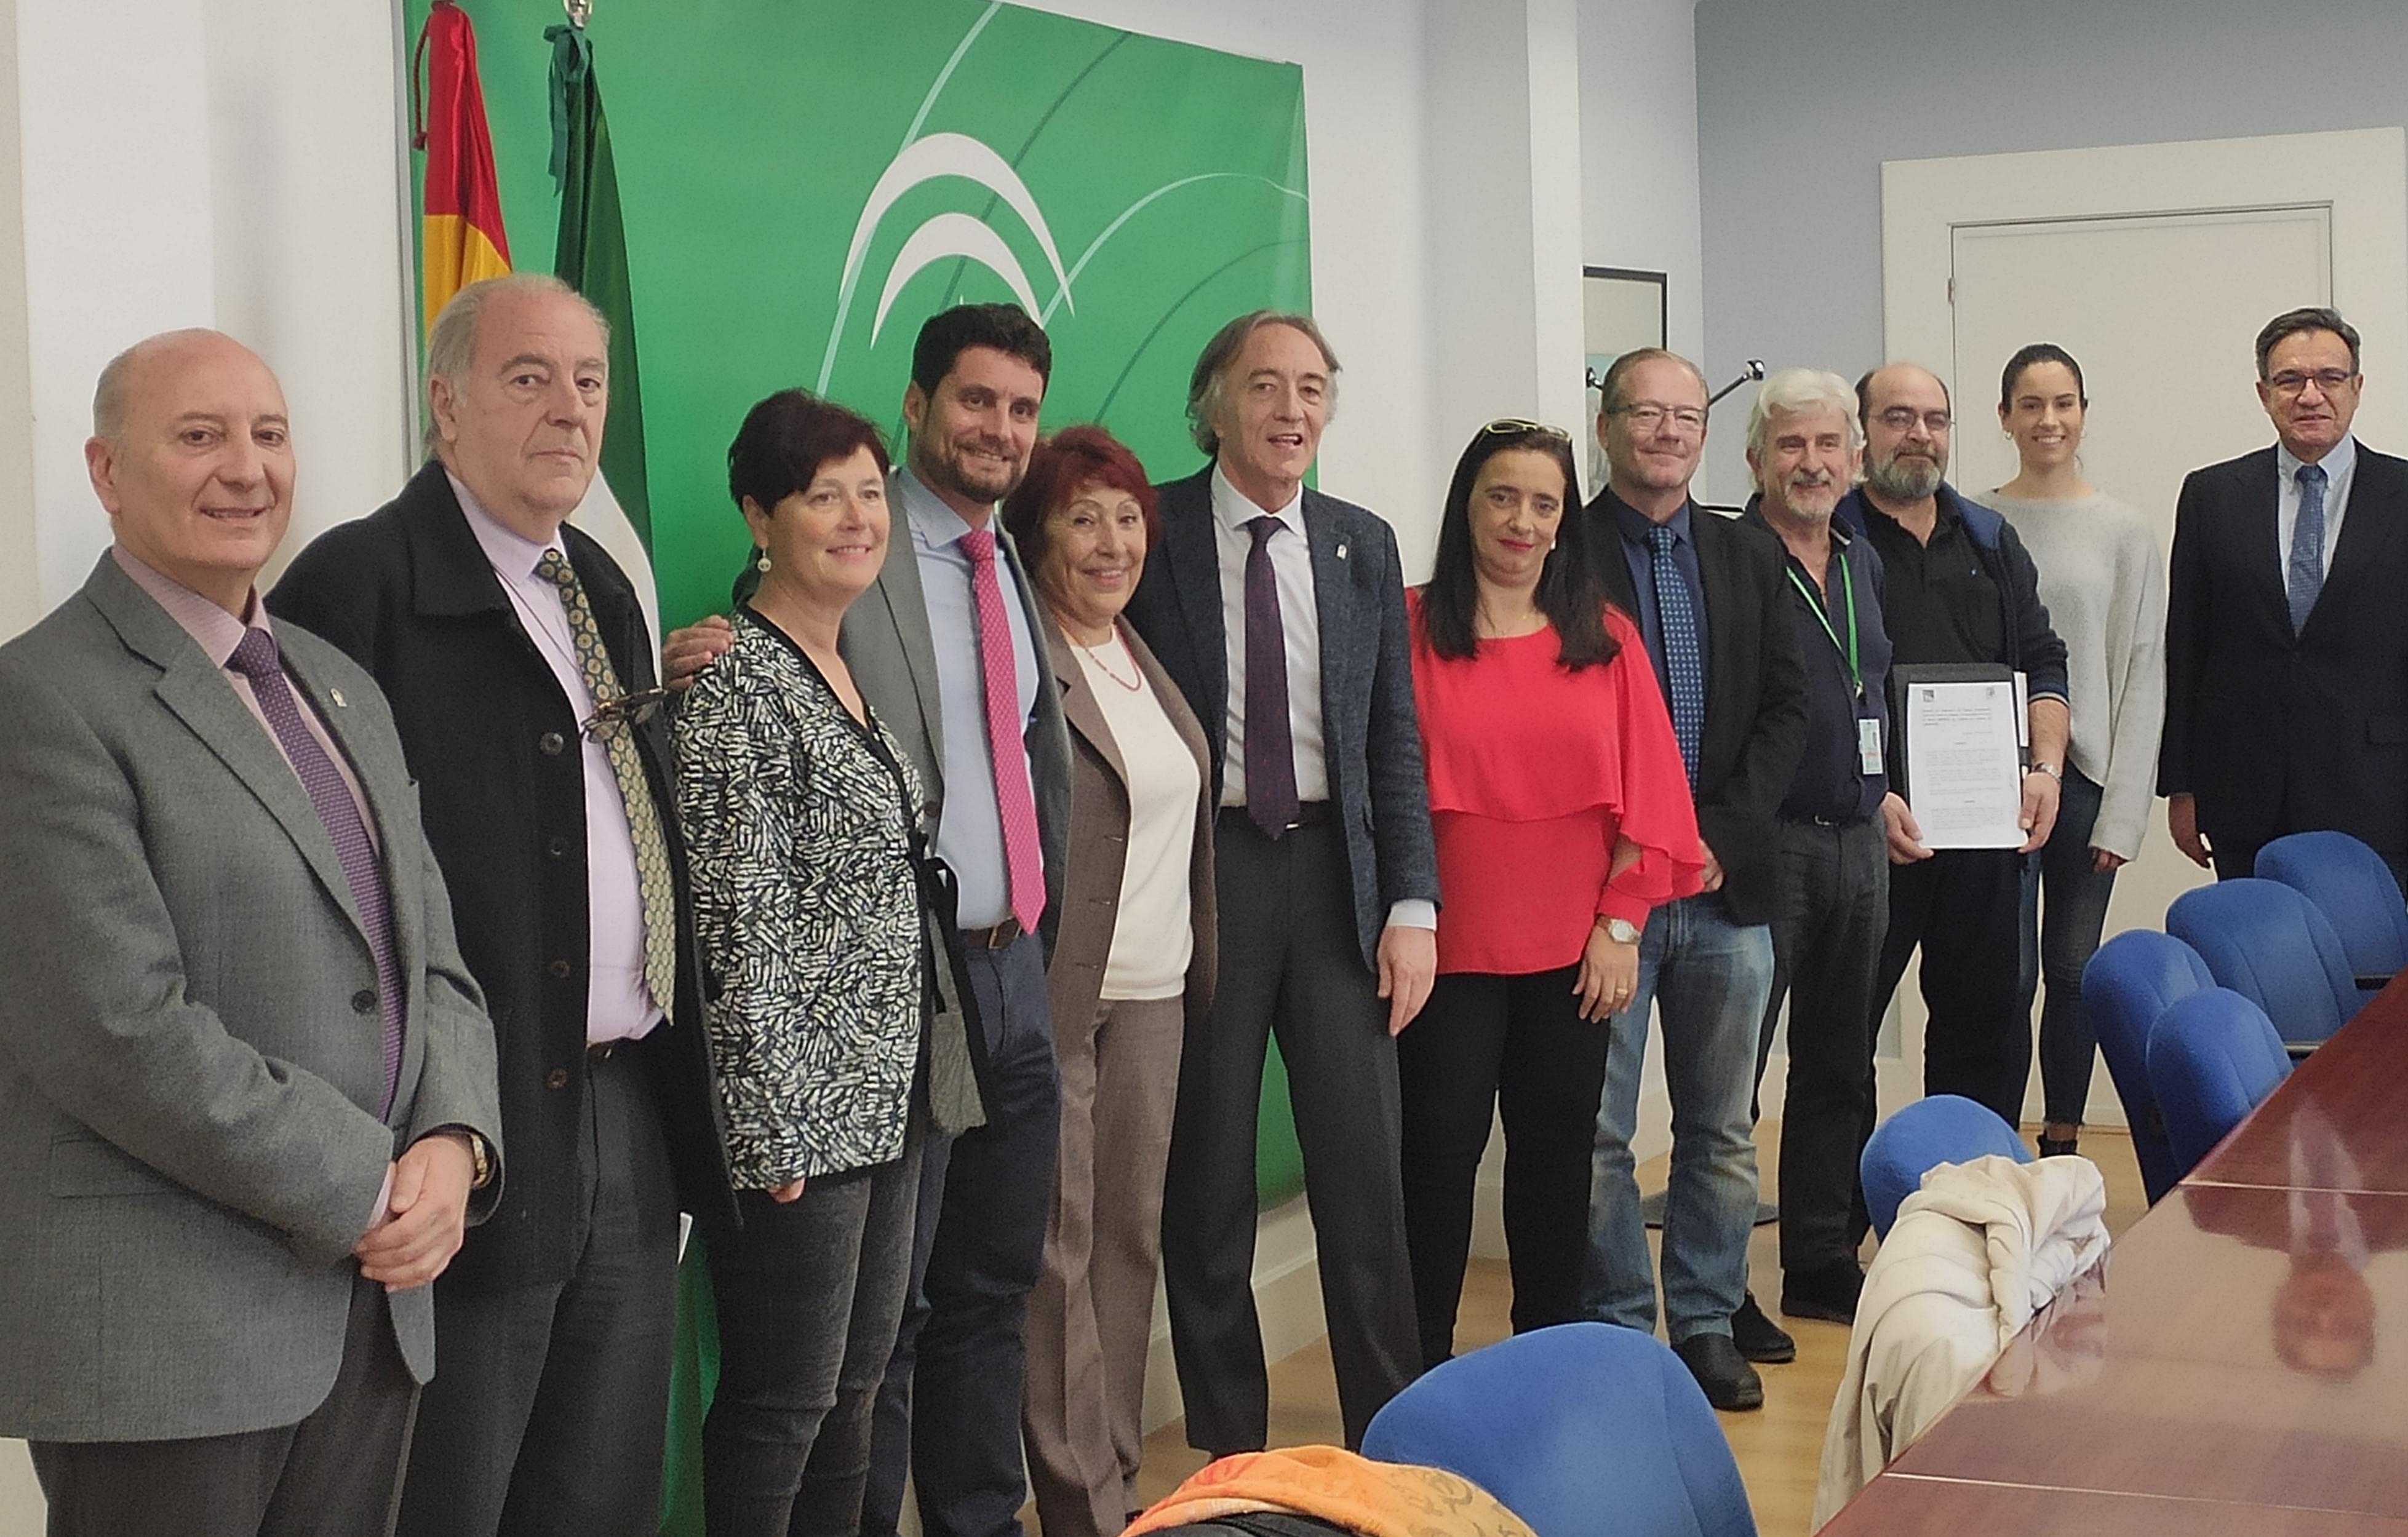 Los hospitales de Granada colaborarán con las asociaciones de salud mental Granabip y Sapame